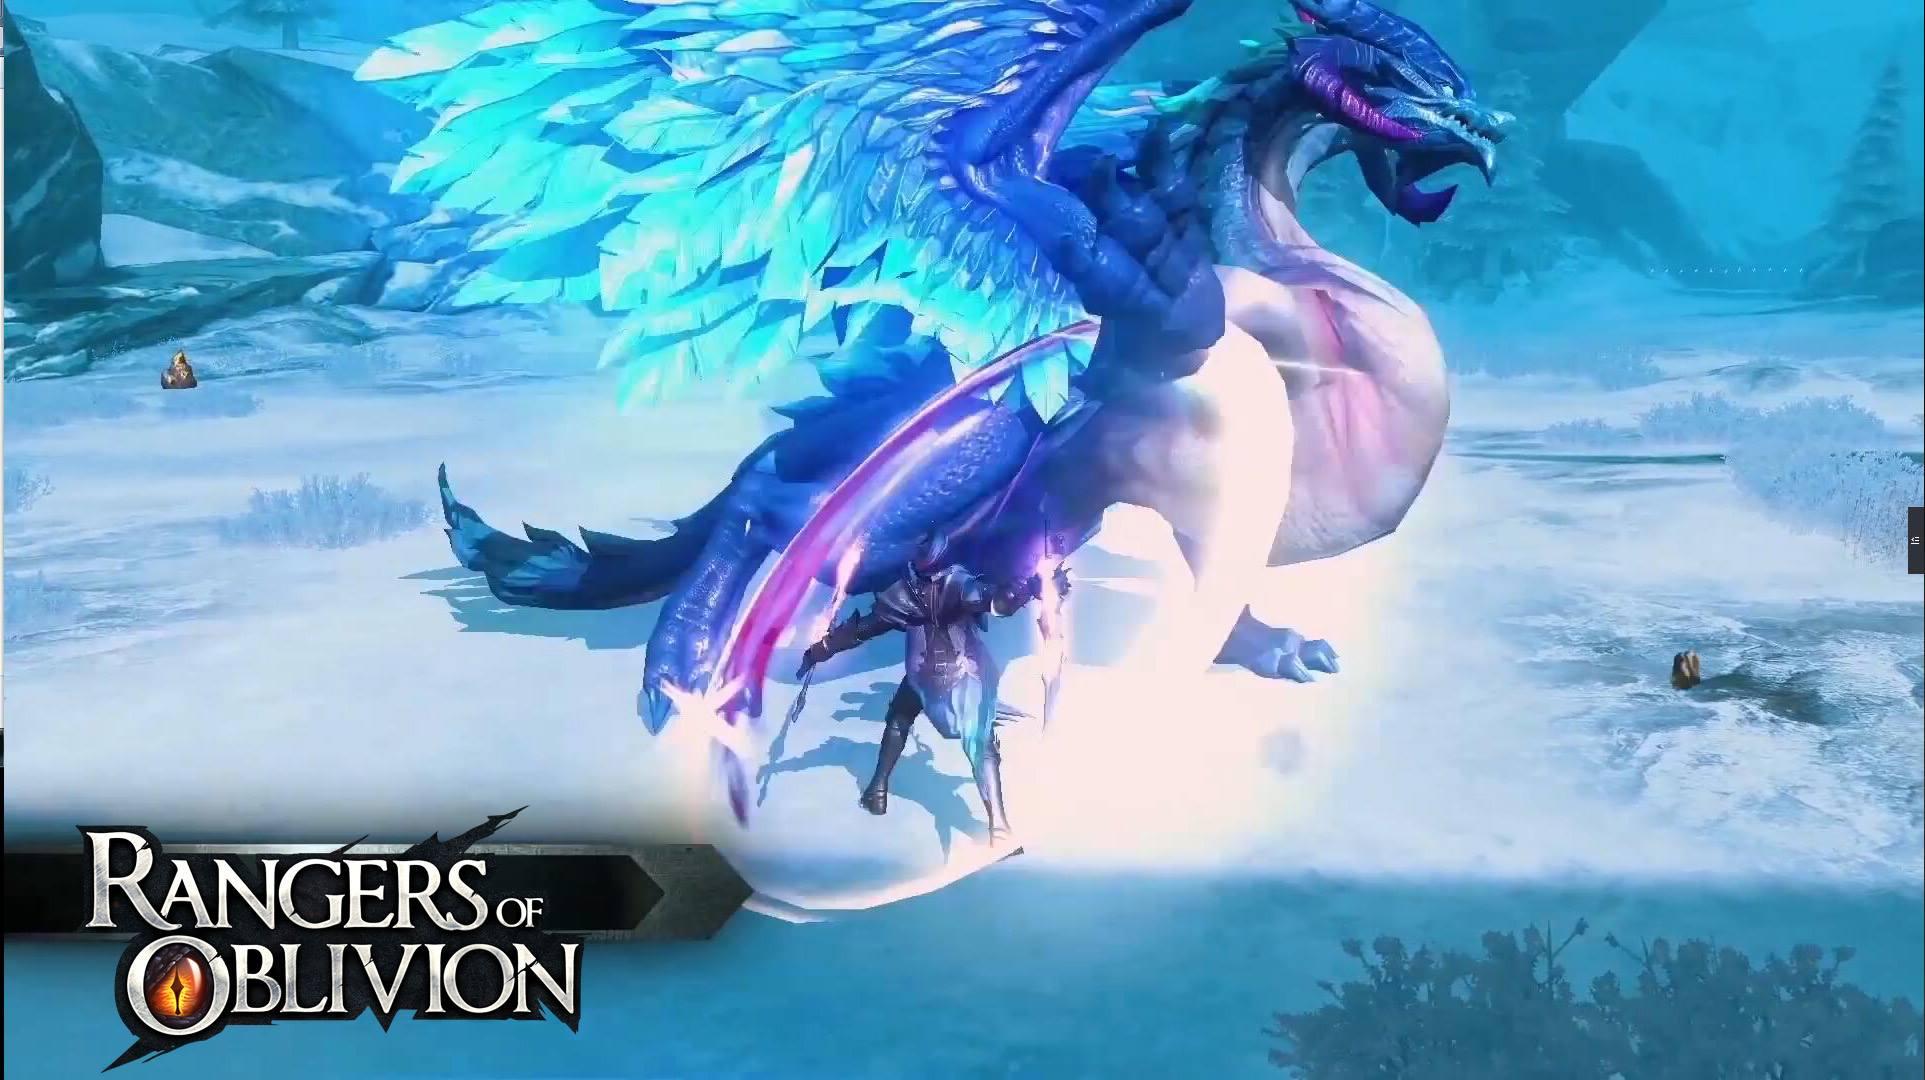 Rangers of Oblivion 1312019 2